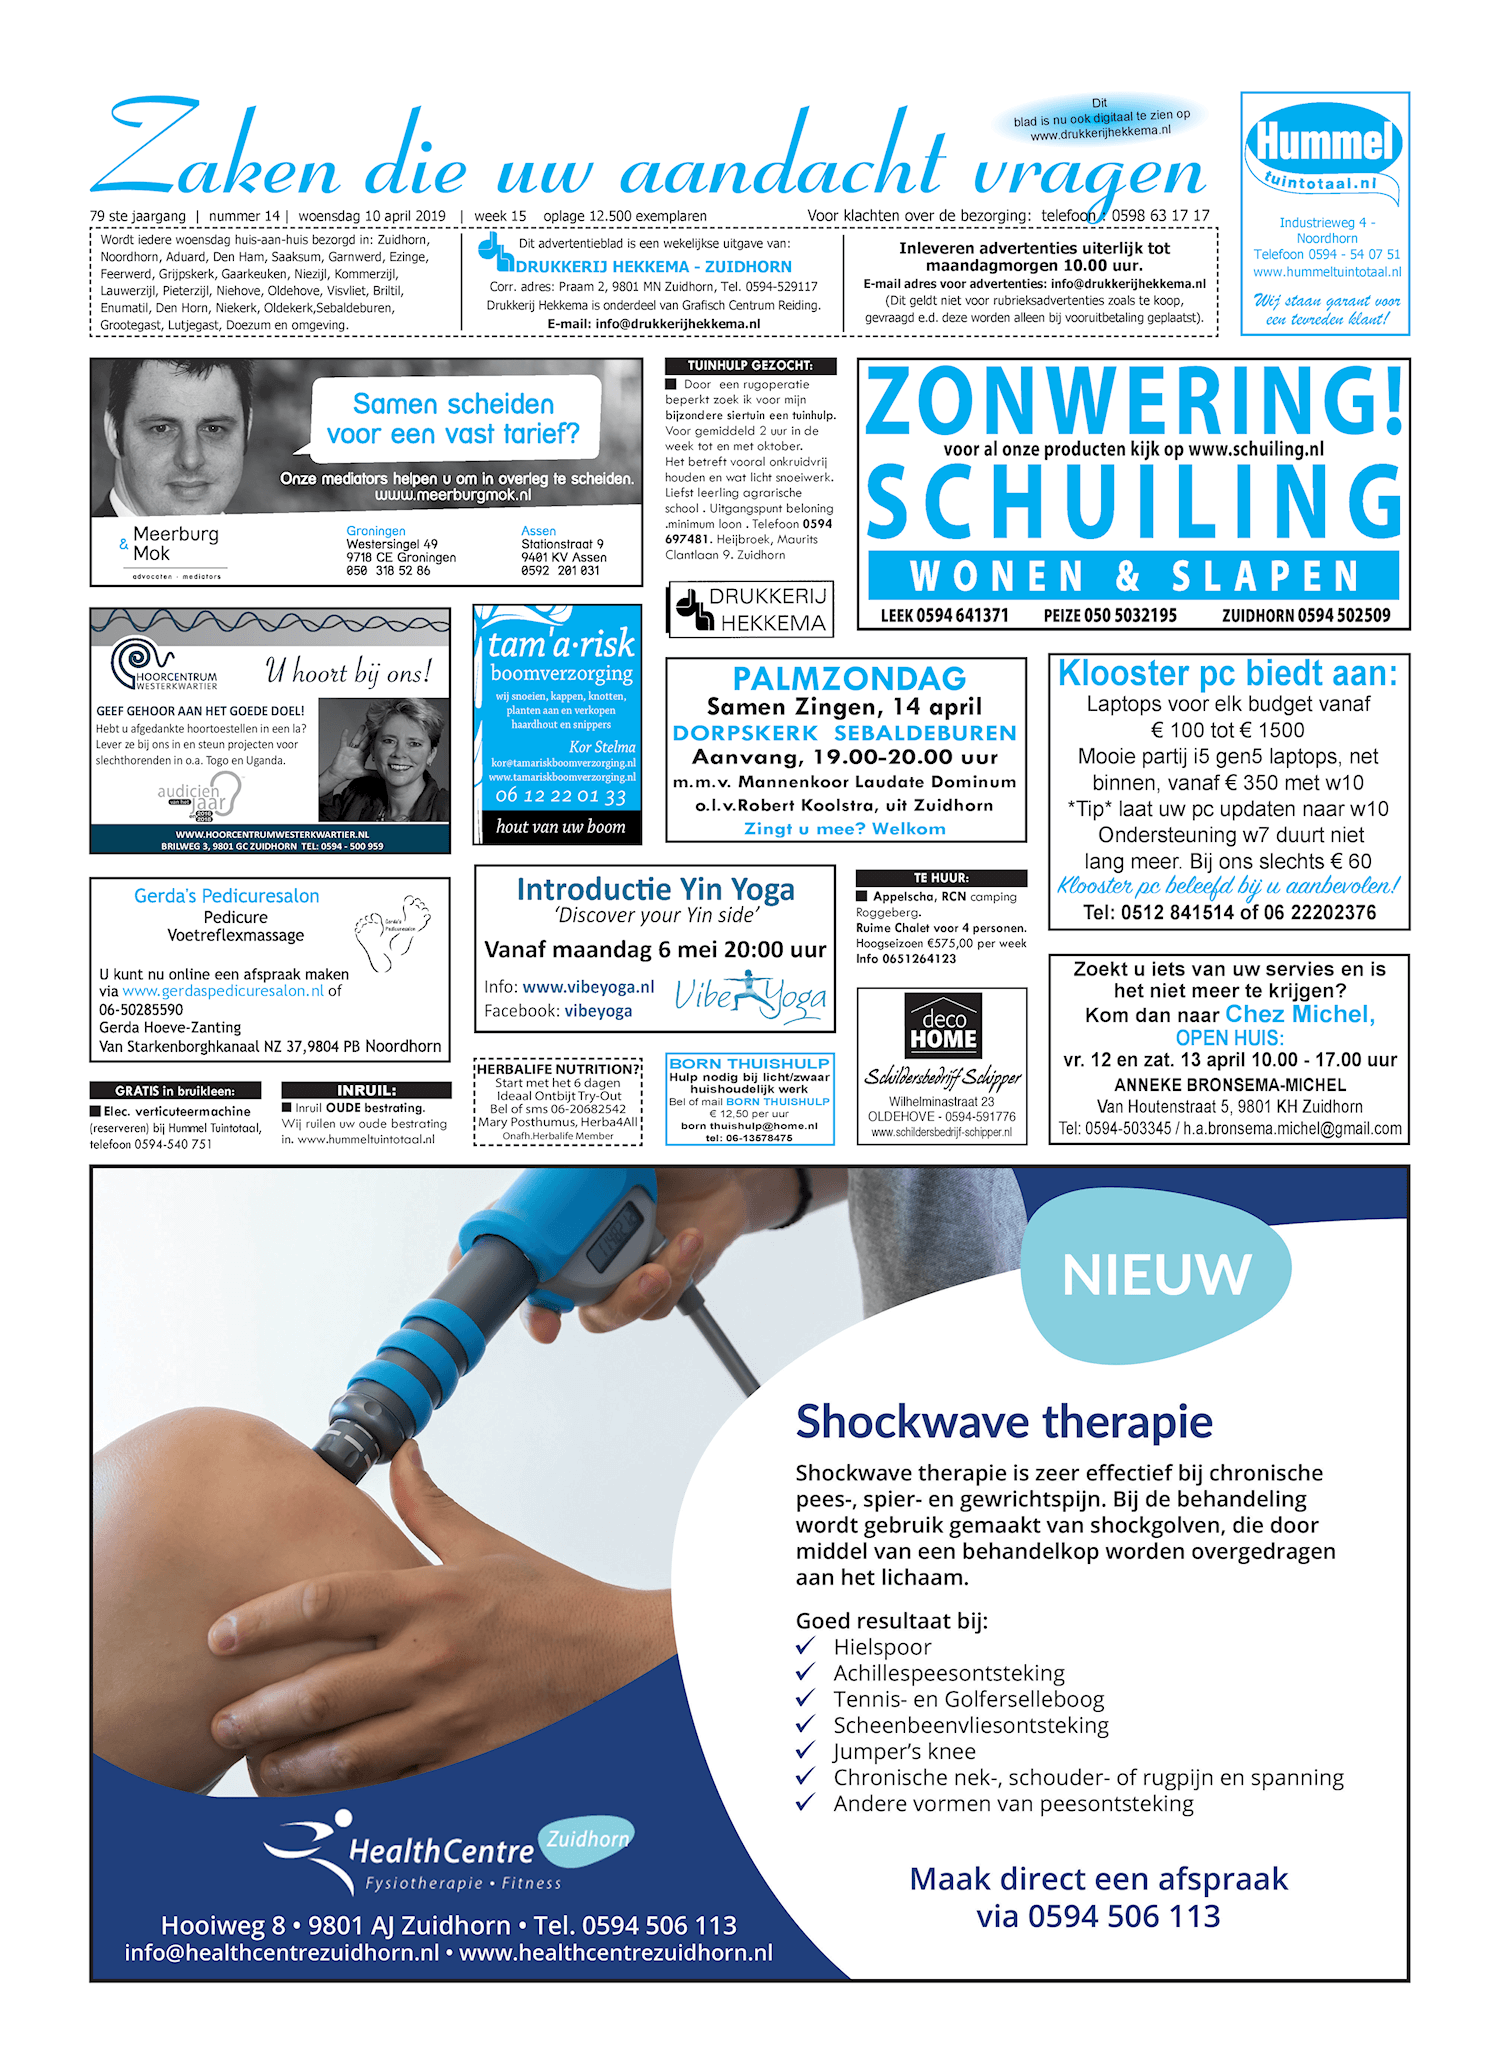 Drukkerij Hekkema - Zuidhorn - Zaken die uw aandacht vragen 2019 week 15